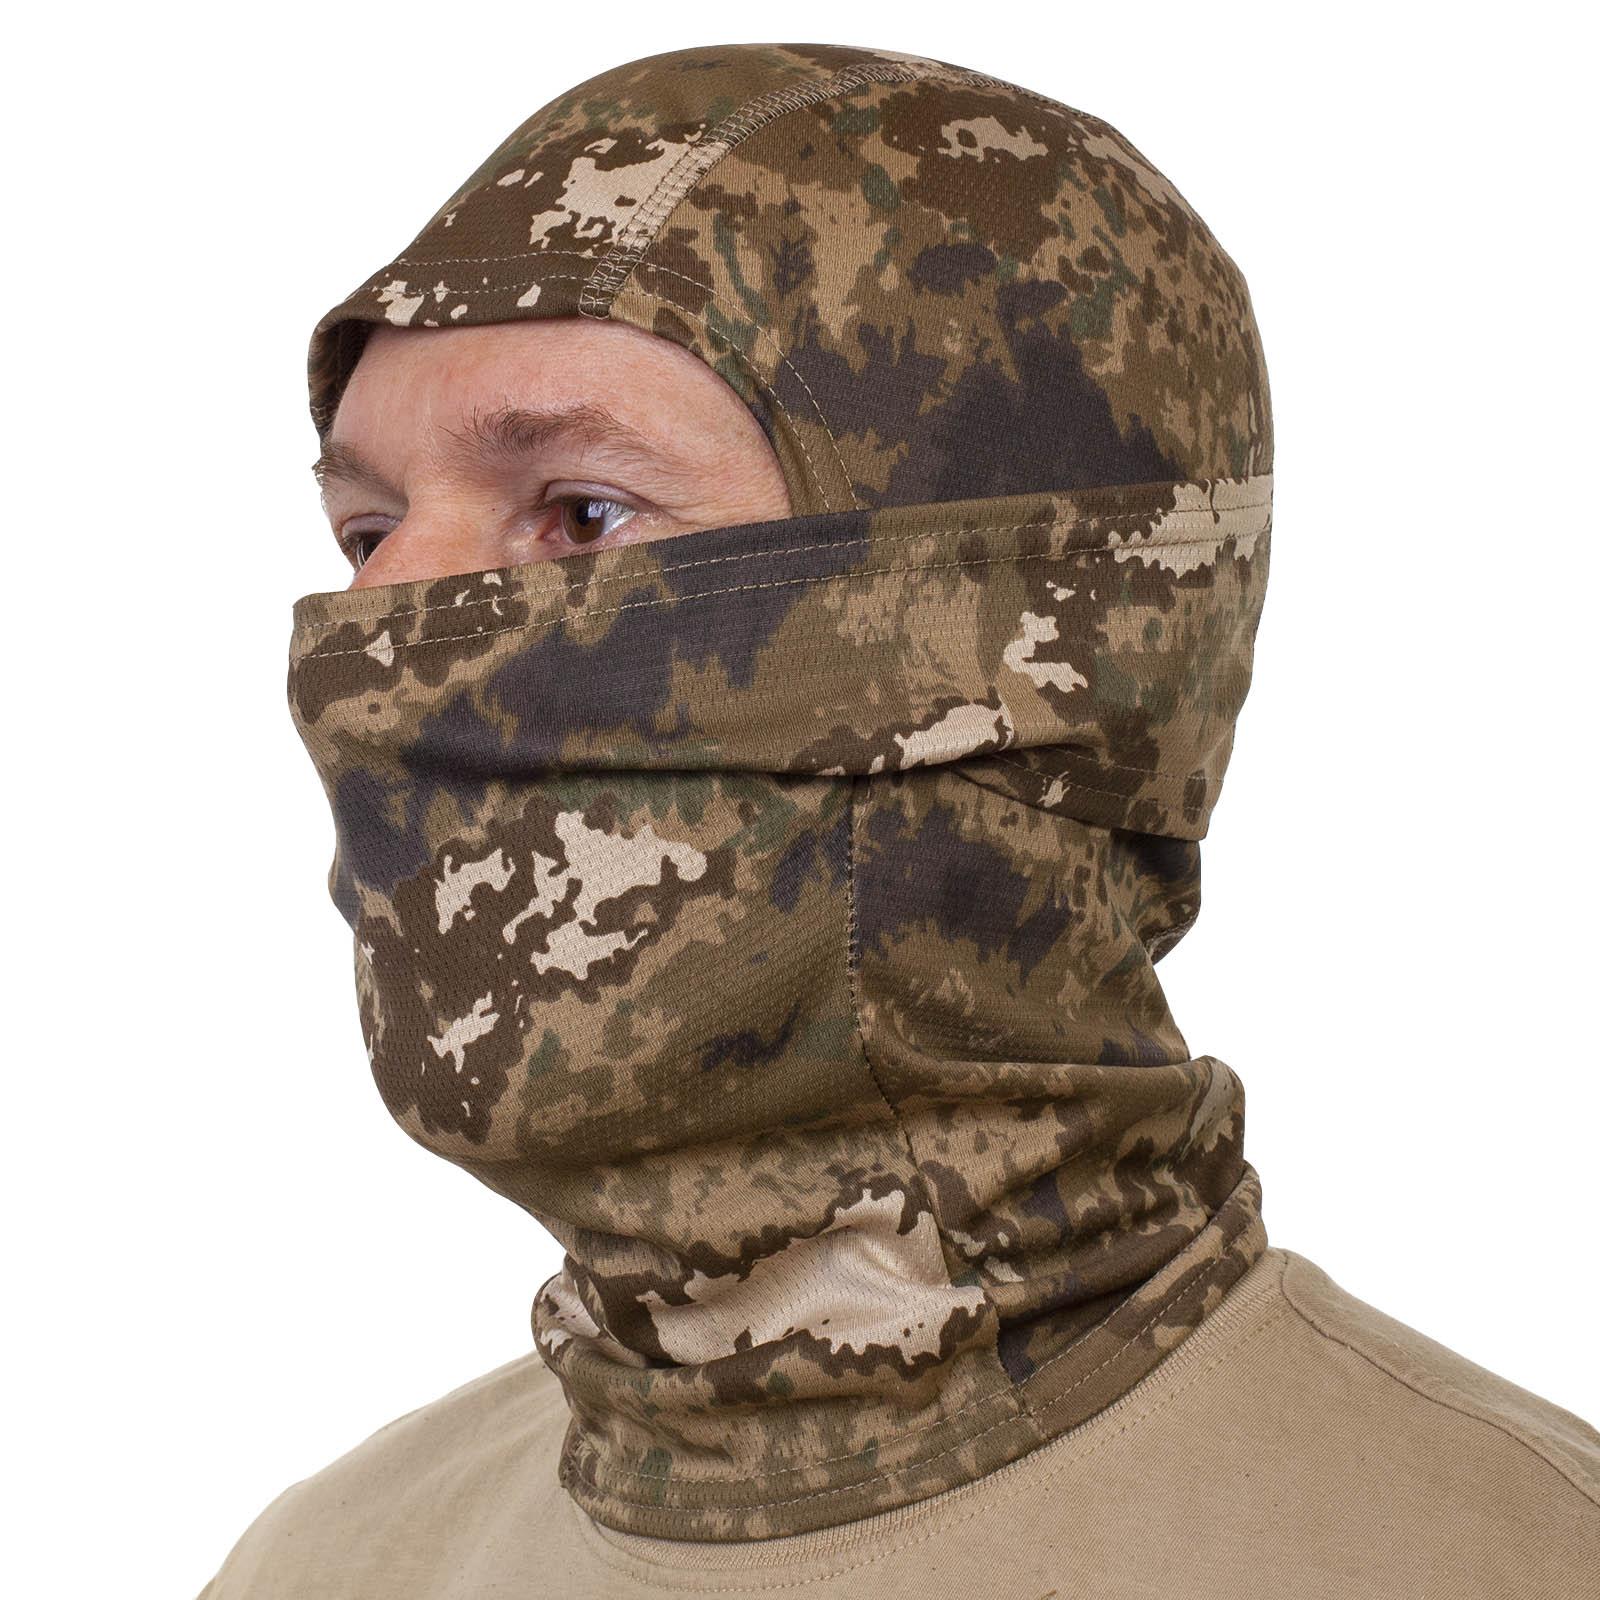 Купить в военторге трикотажную маску для лица с прорезью для глаз